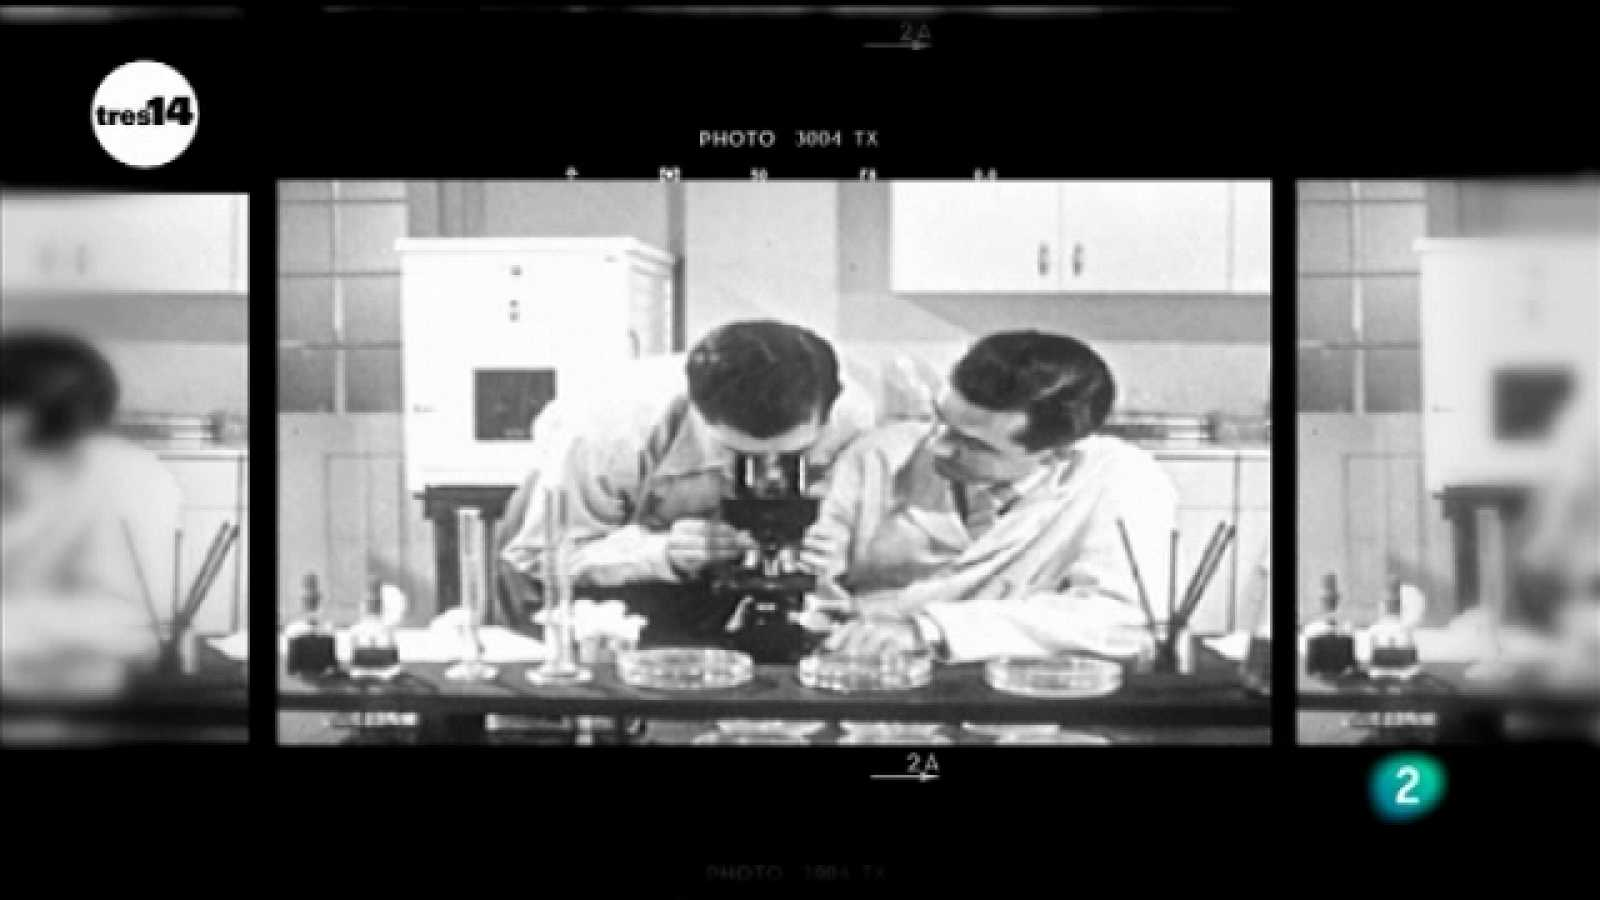 tres14 - Es Ciencia - Ver ahora